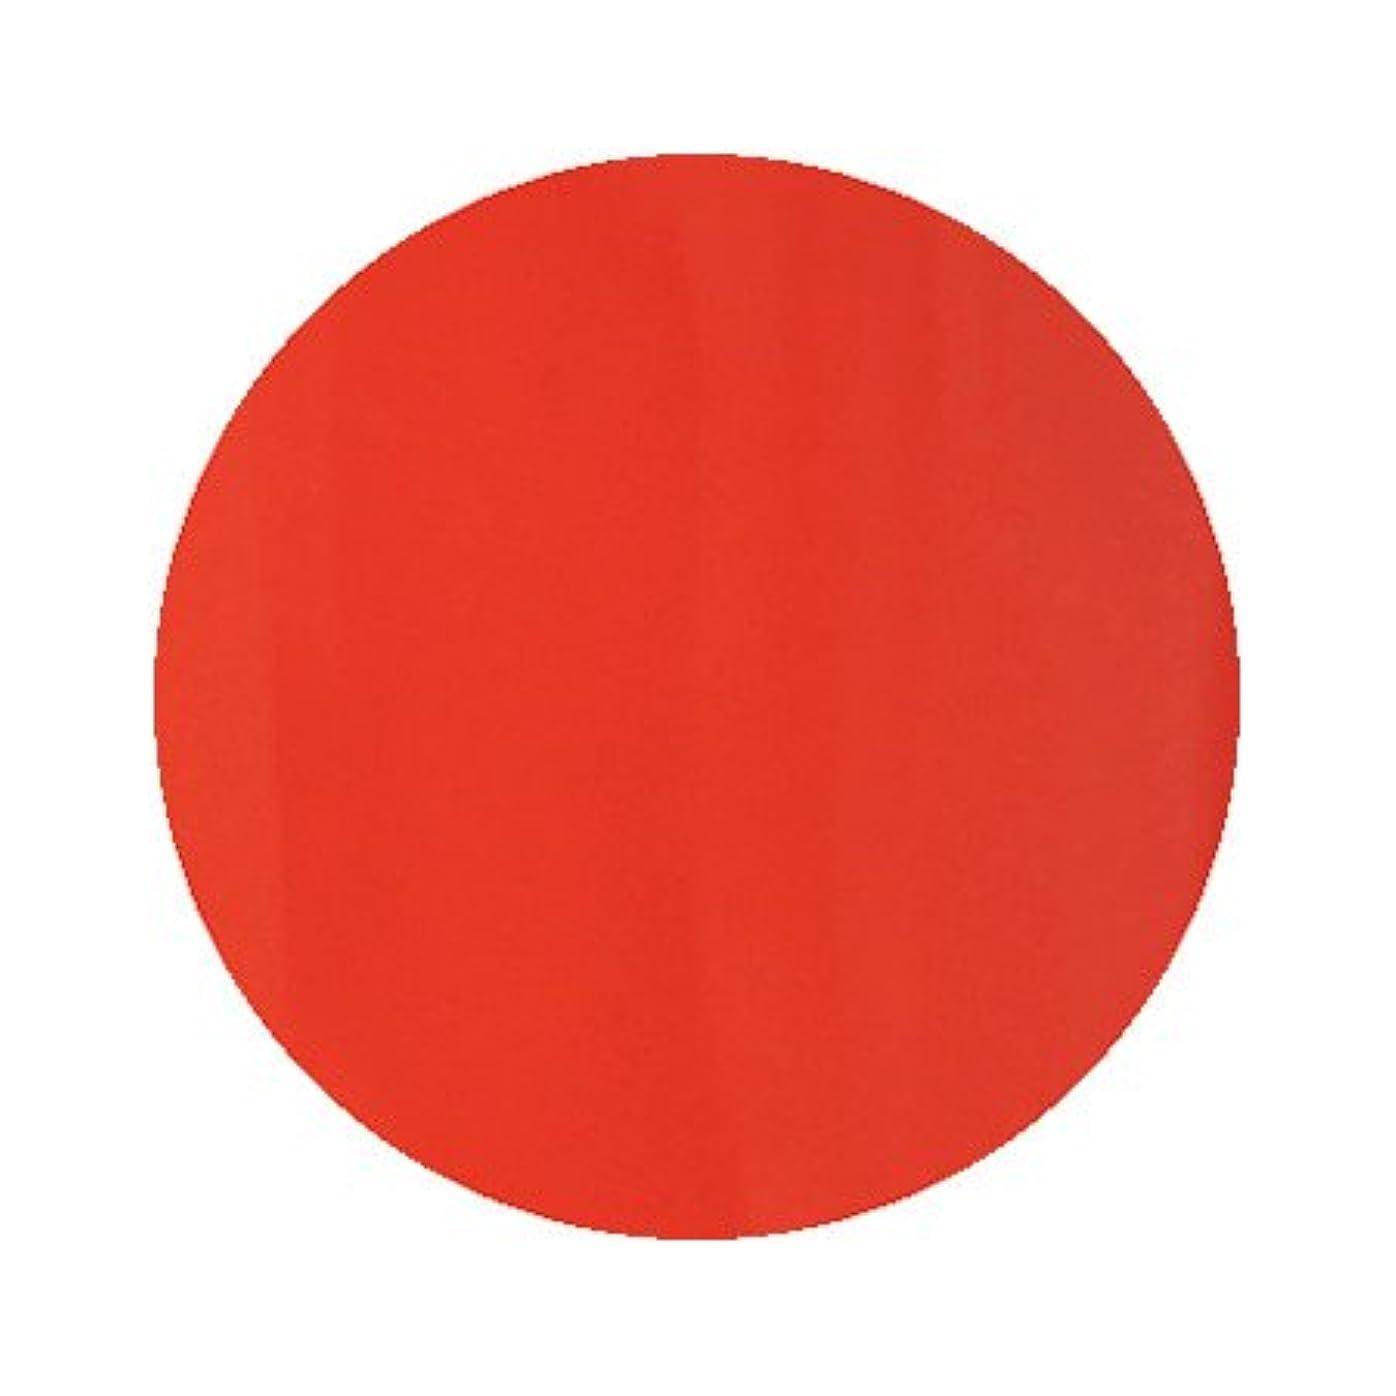 中間インフルエンザ建設パラポリッシュ ハイブリッドカラージェル V3 ブラッドオレンジ 7g